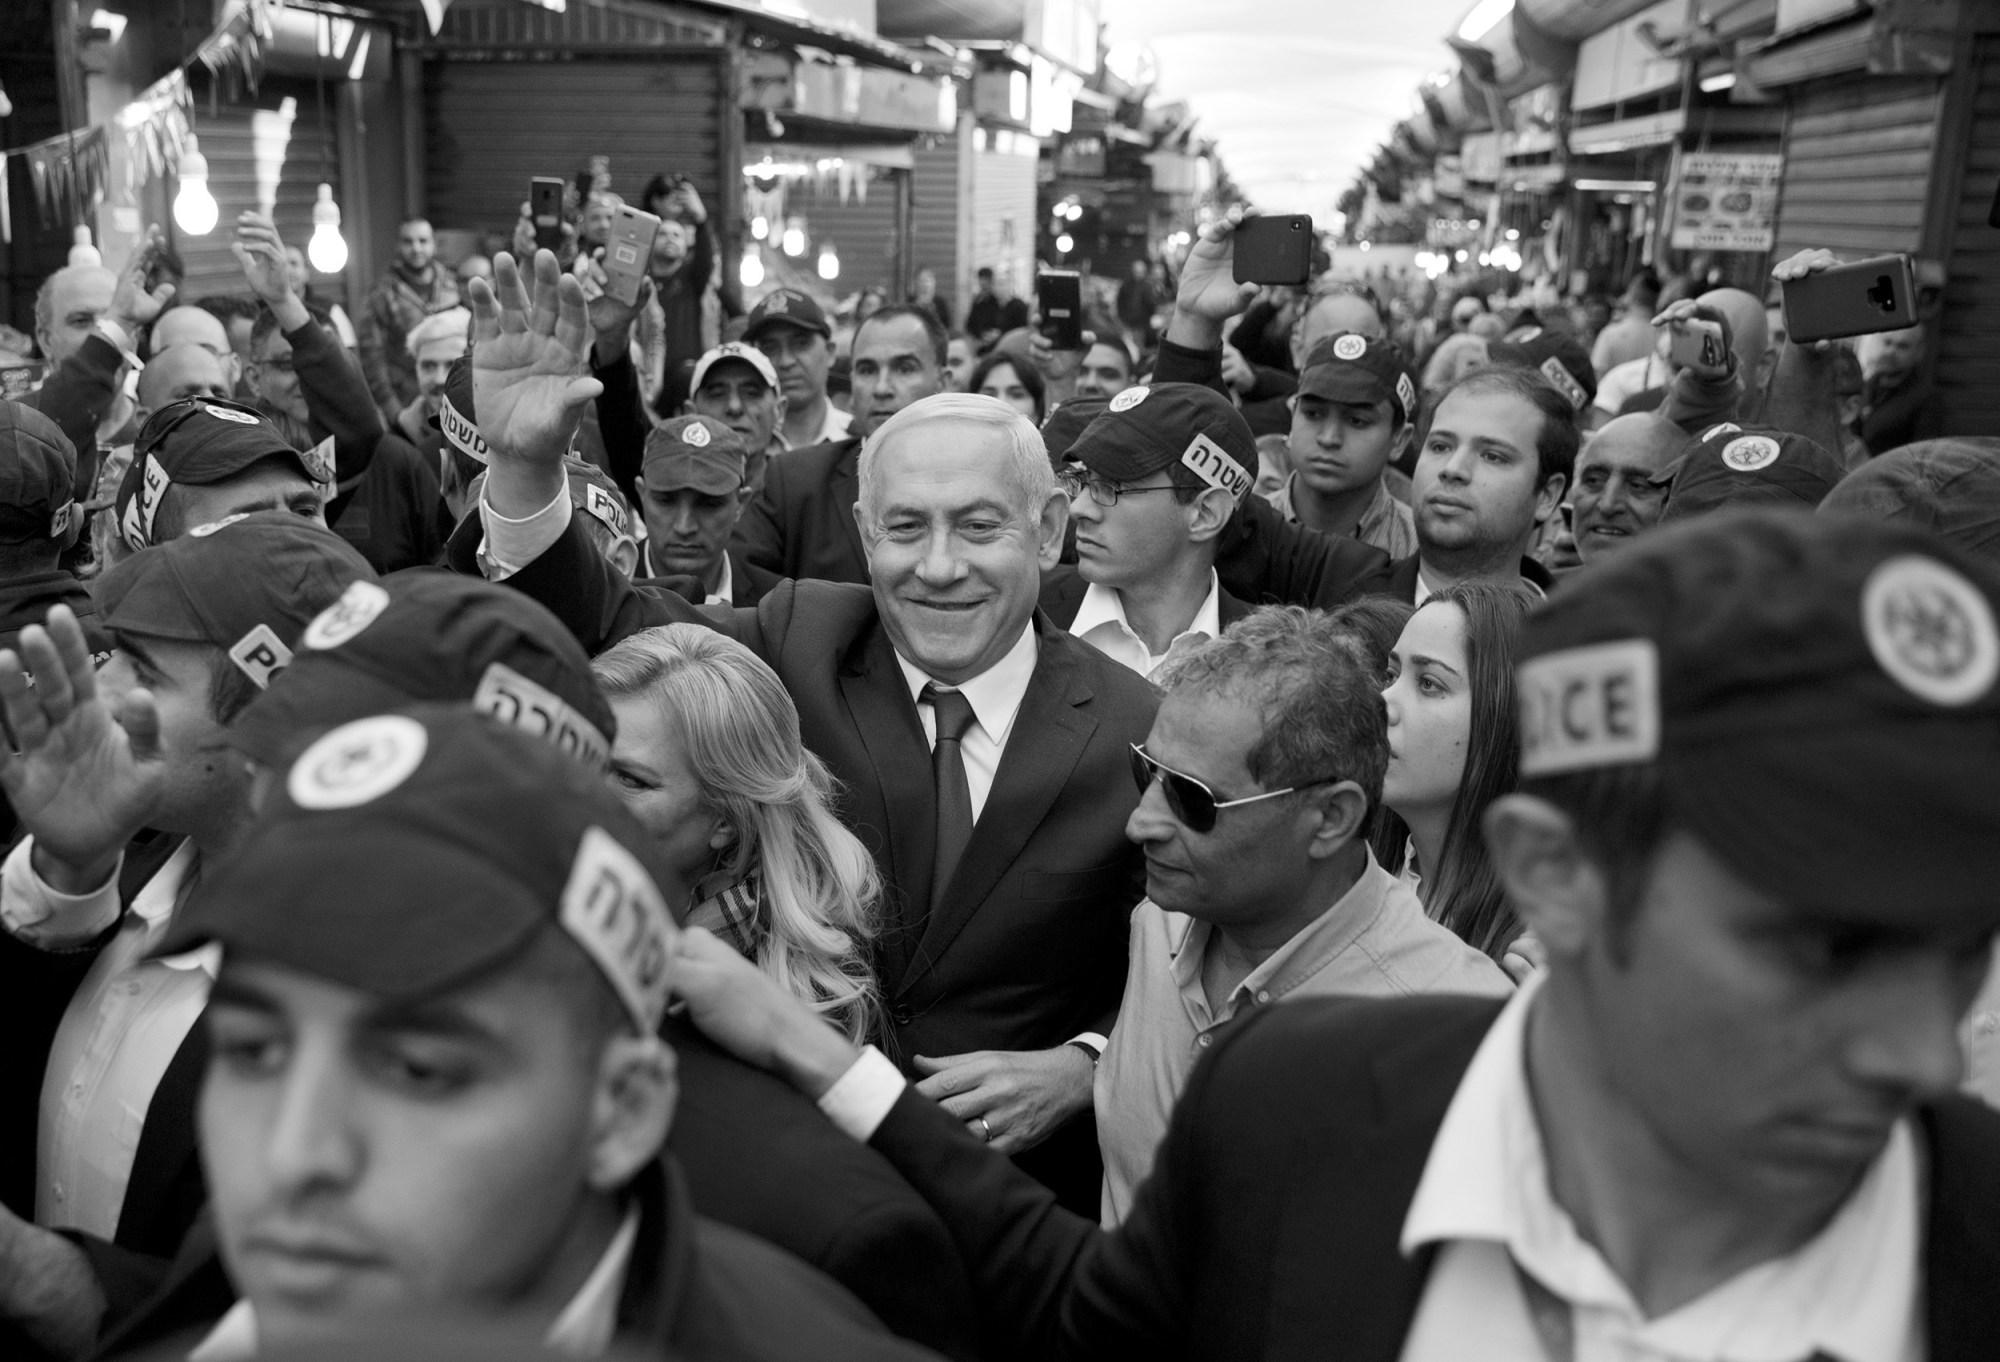 190407-israel-benjamin-netanyahu-campaig